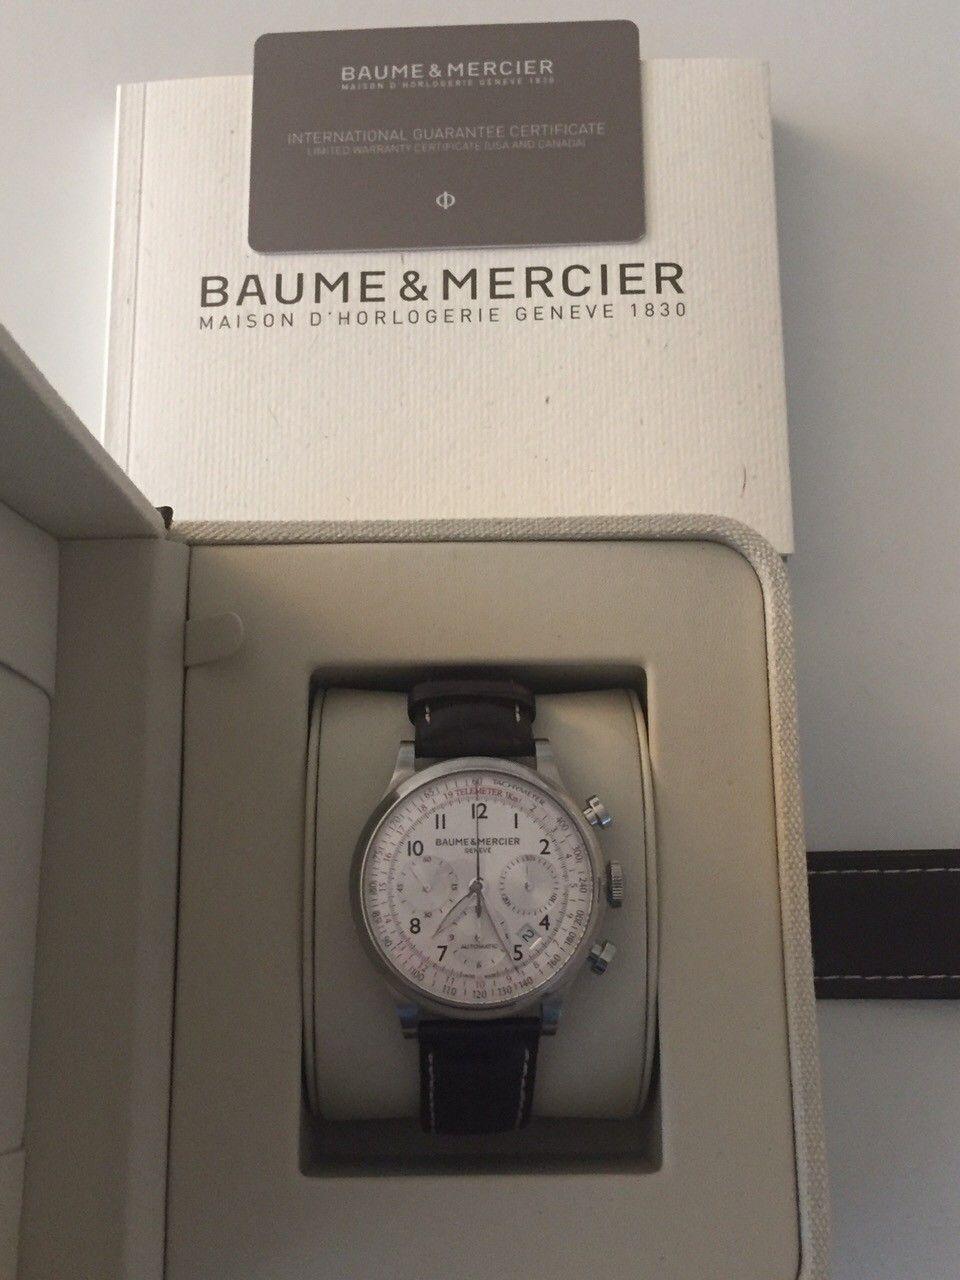 Baume & Mercier - Fjellhamar  - Baume & Mercier Capeland vurderes solgt. Kjøpt ny i Norge i 2015. Kvittering, boks og sertifikat medfølger. Lite brukt. - Fjellhamar